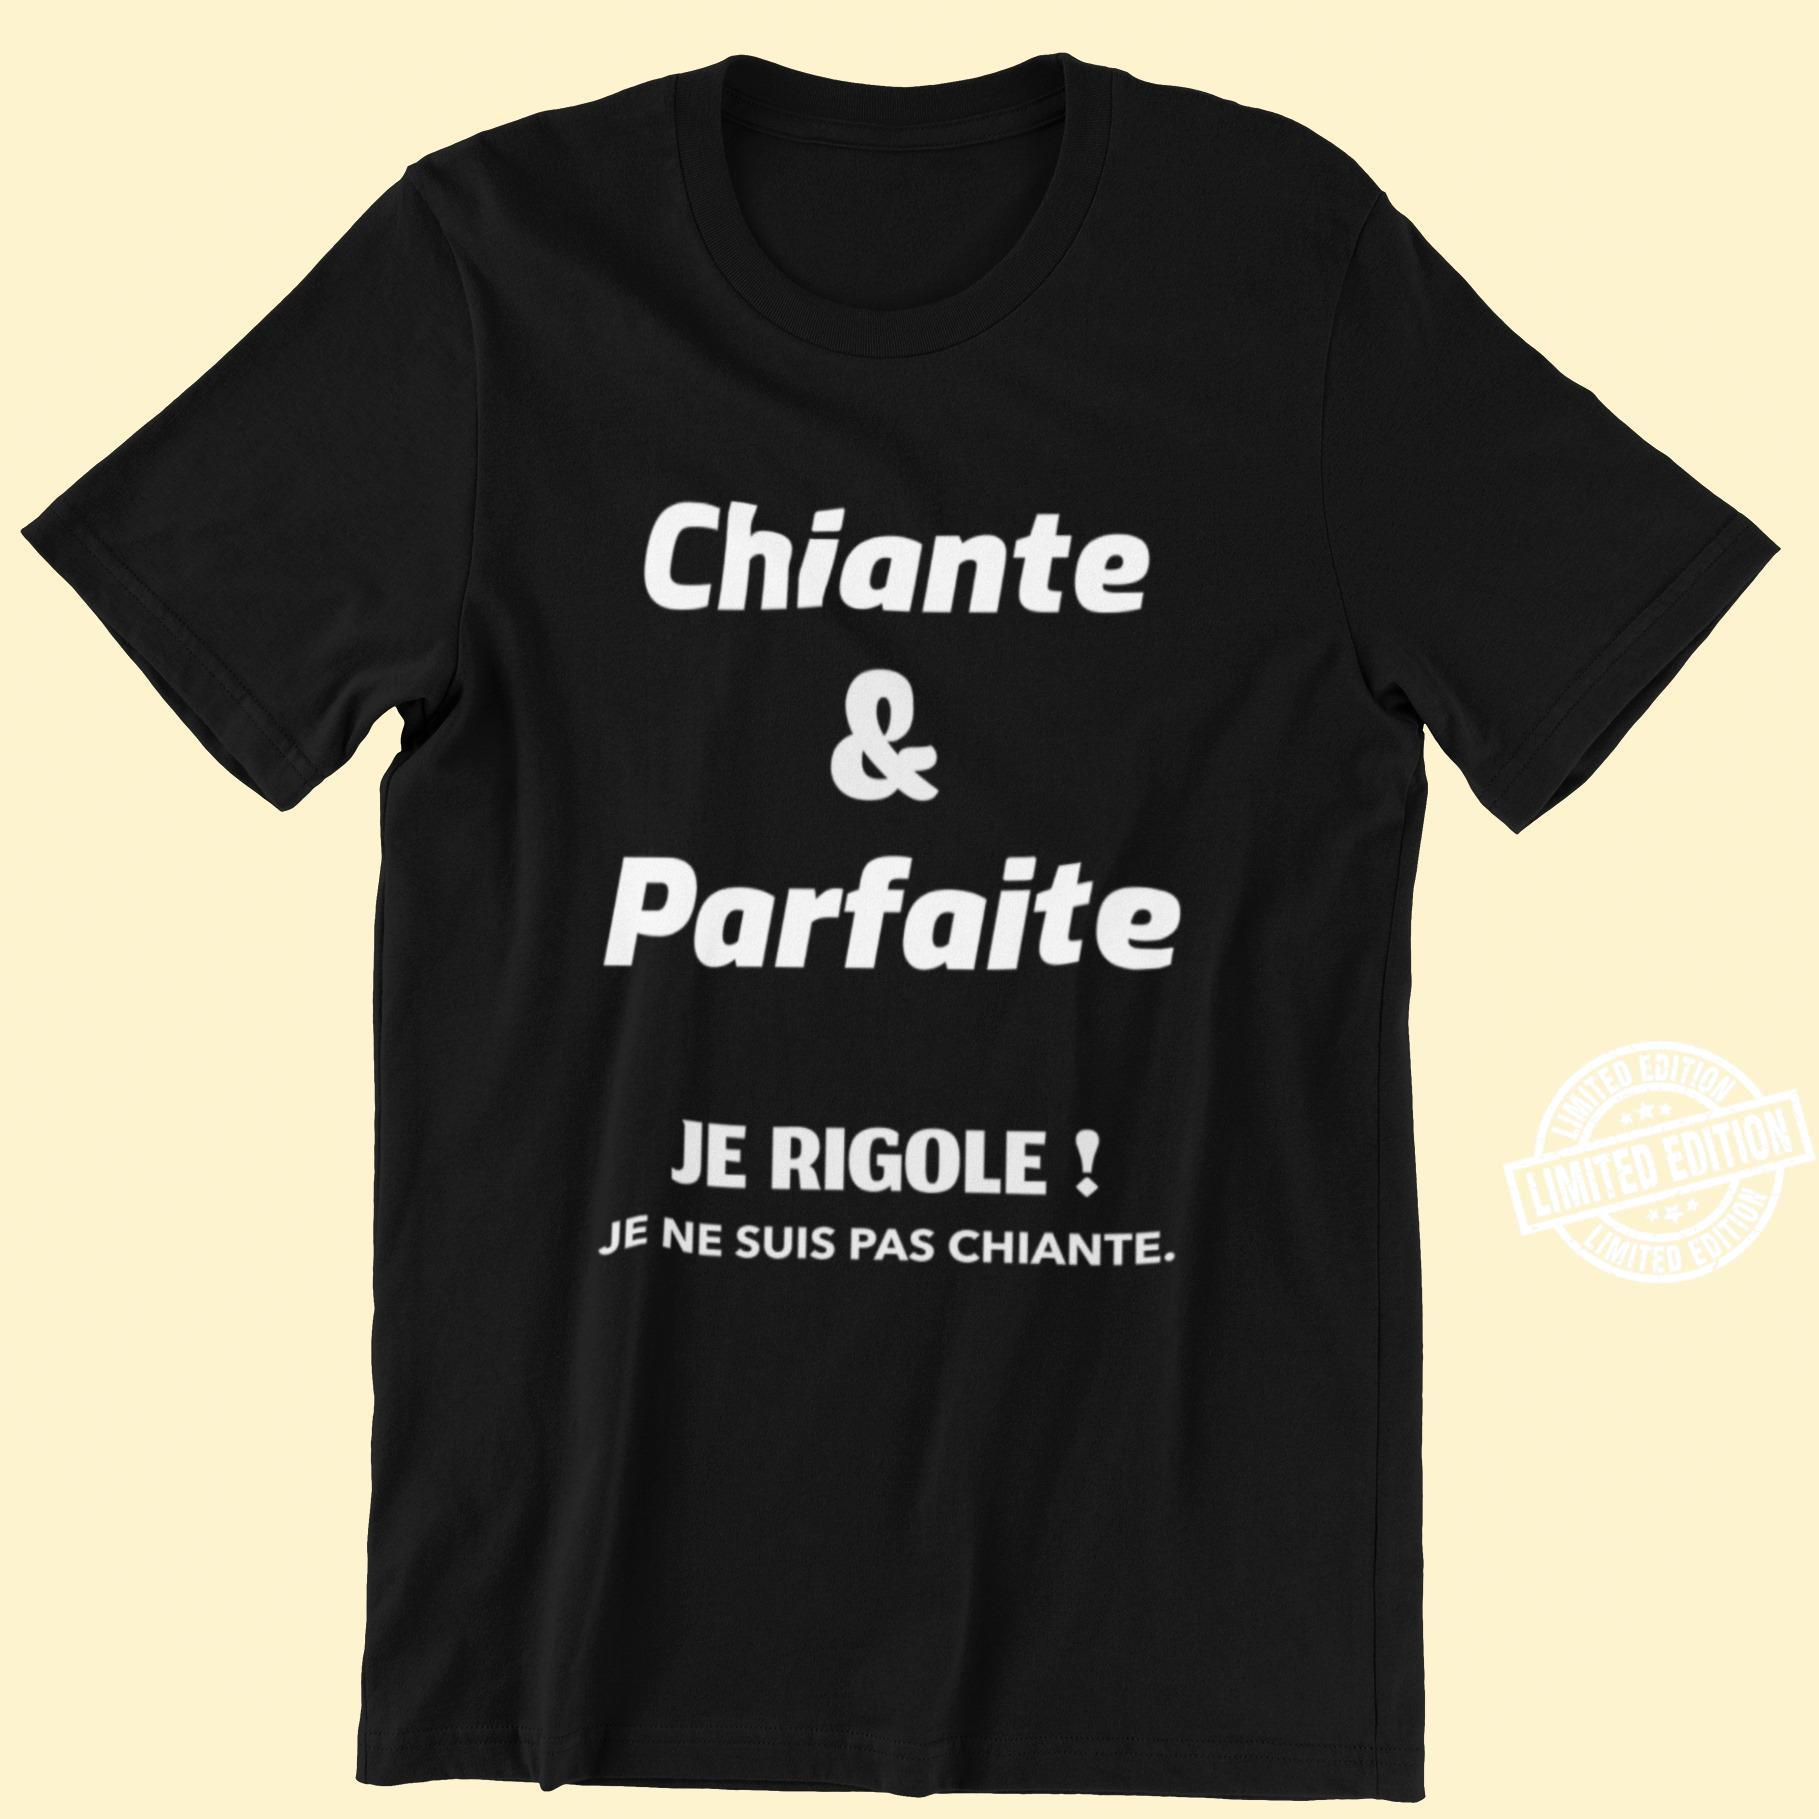 Chiante and parfaite je rigole je ne suis pas chiante shirt